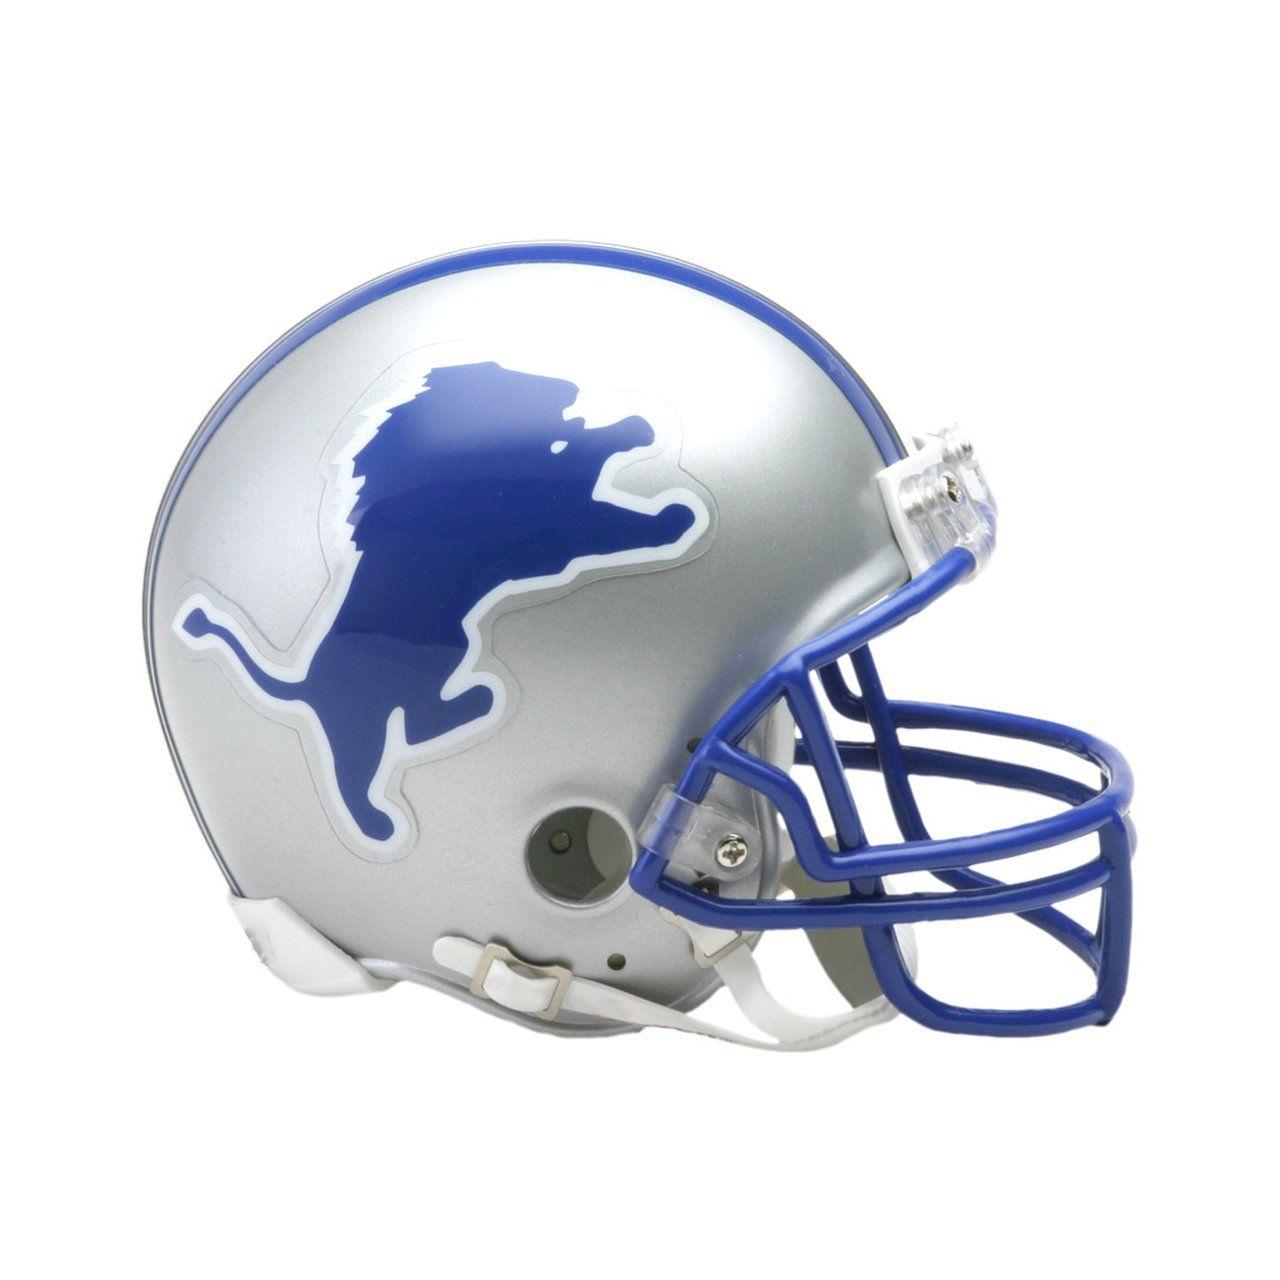 amfoo - Riddell VSR4 Mini Football Helm - Detroit Lions 1893-2002